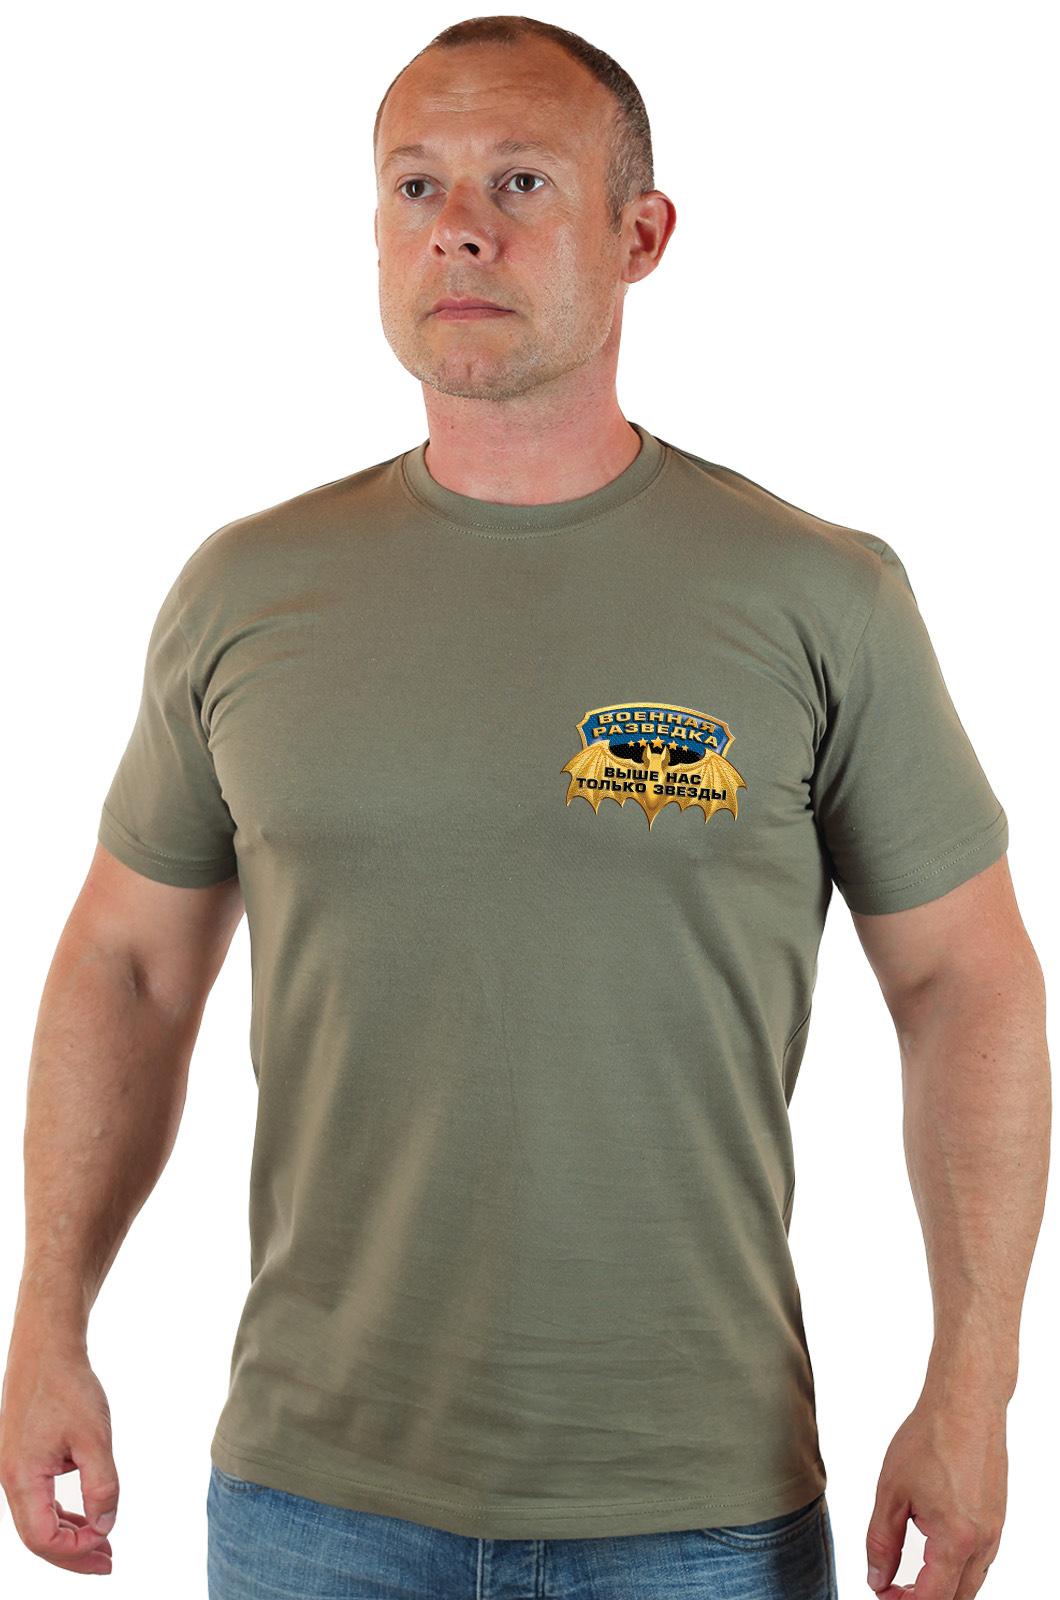 Купить эффектную футболку разведчика по выгодной цене